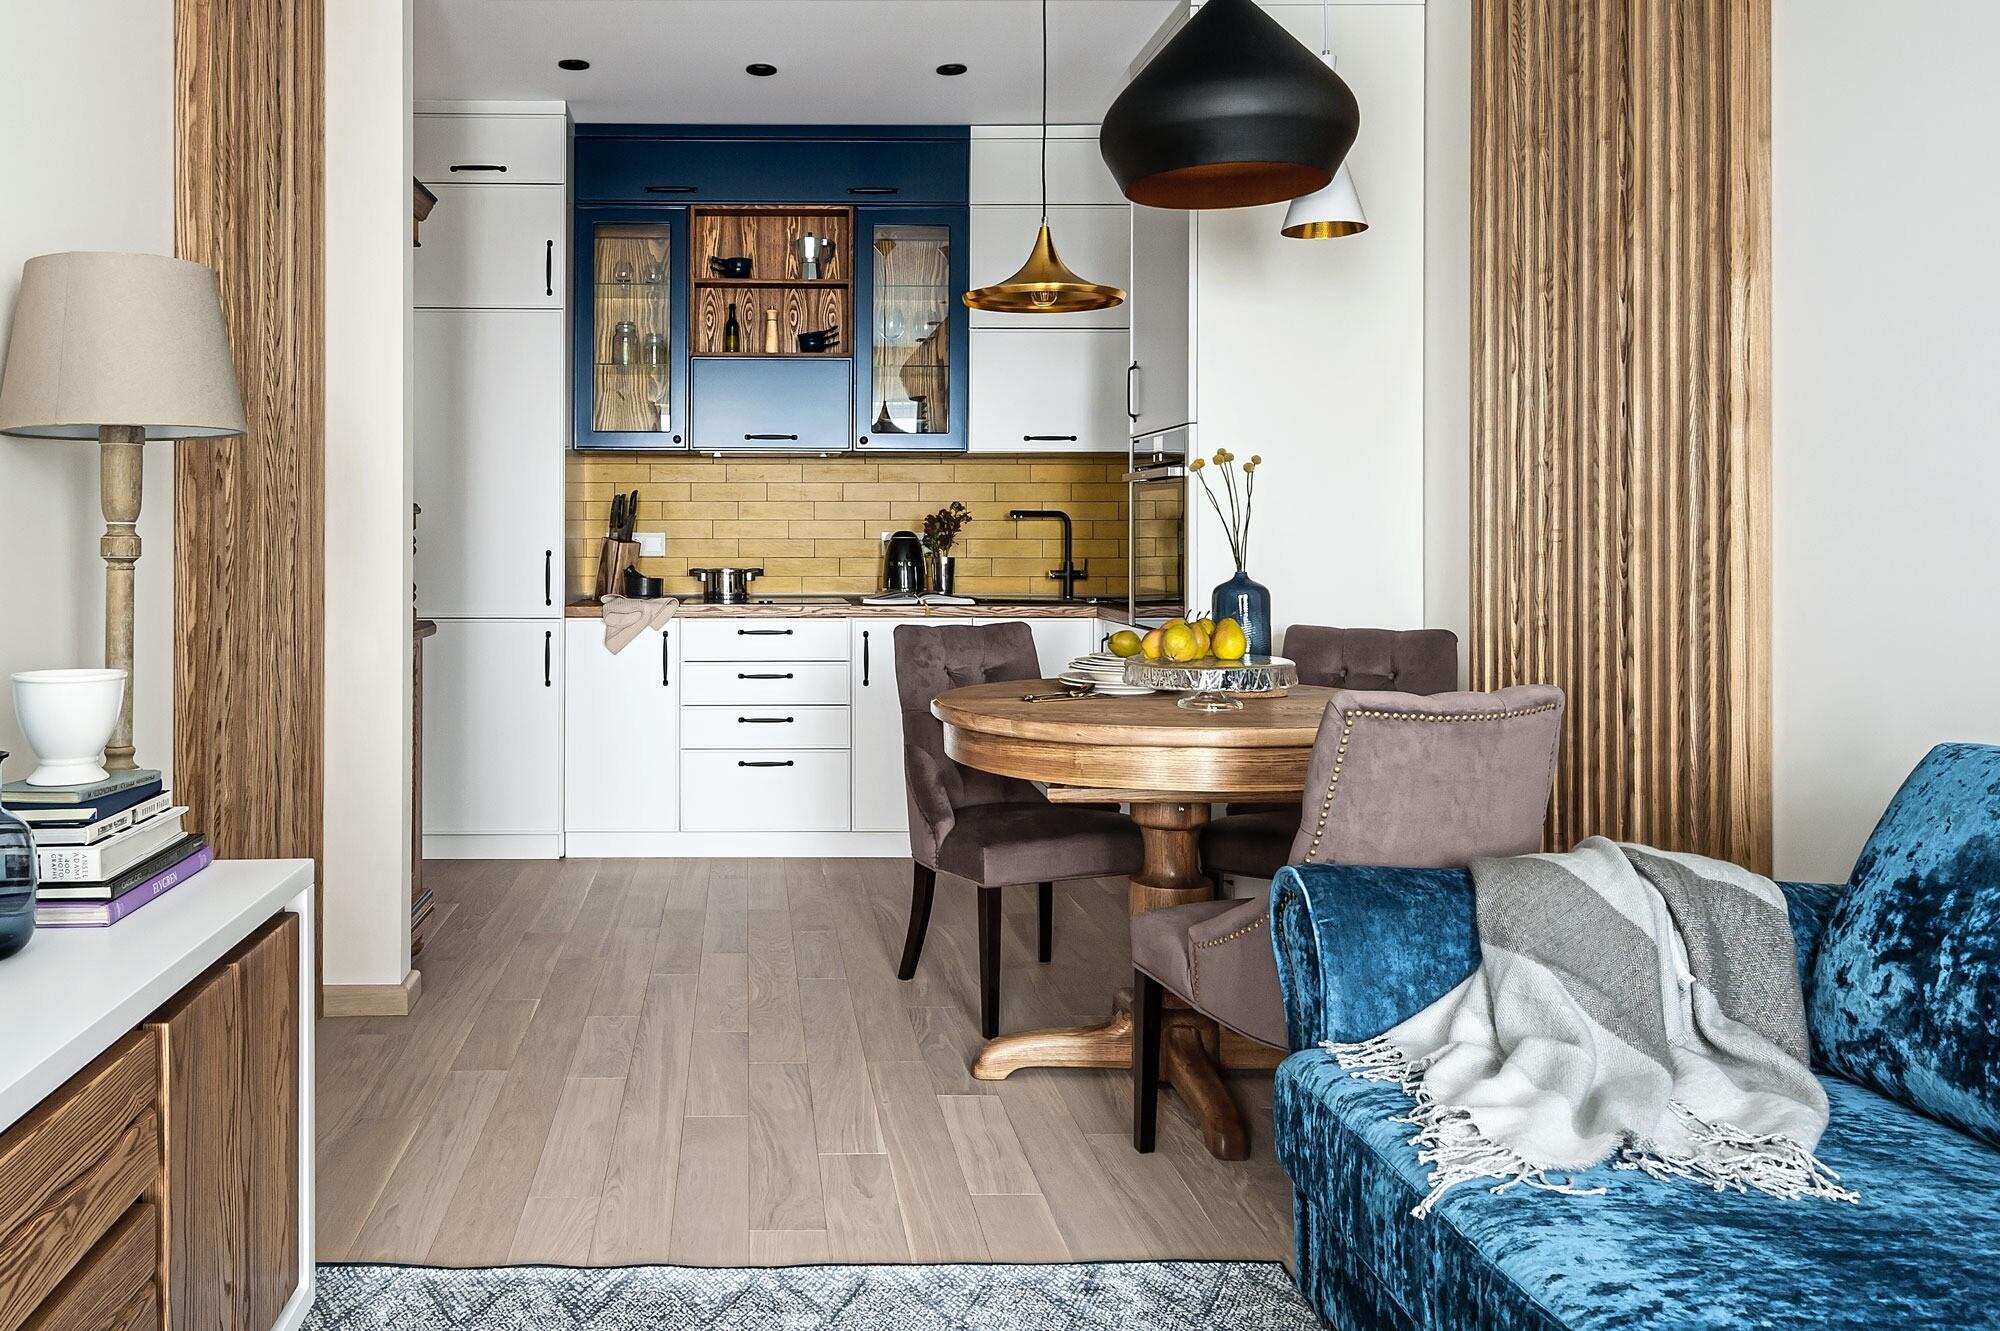 Квартира для путешественников: интерьер, в котором соединились скандинавский стиль, классика и этника